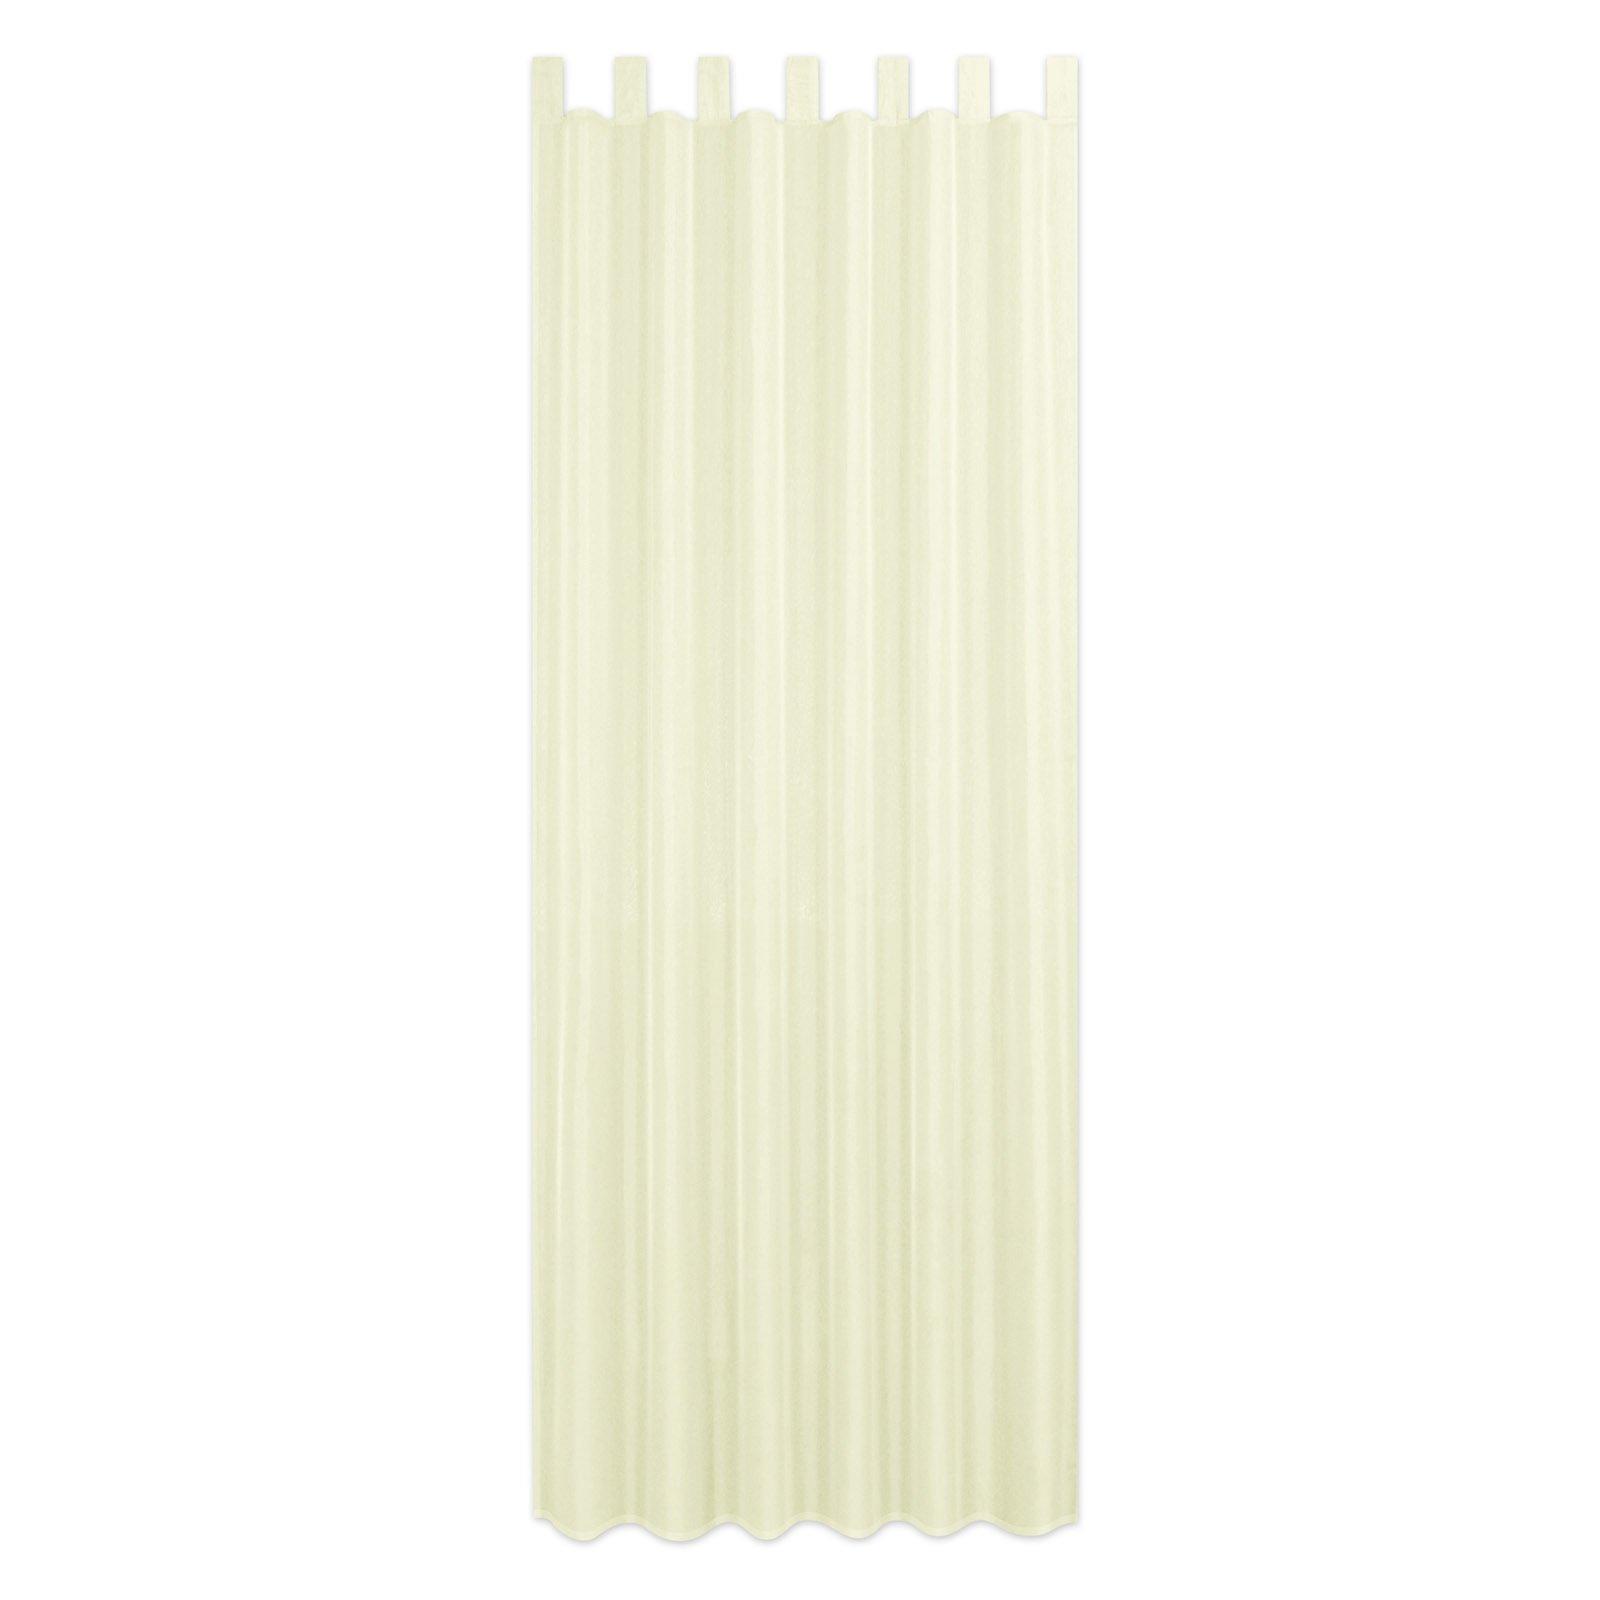 Schlaufenschal ALSTER - creme - 140x235 cm